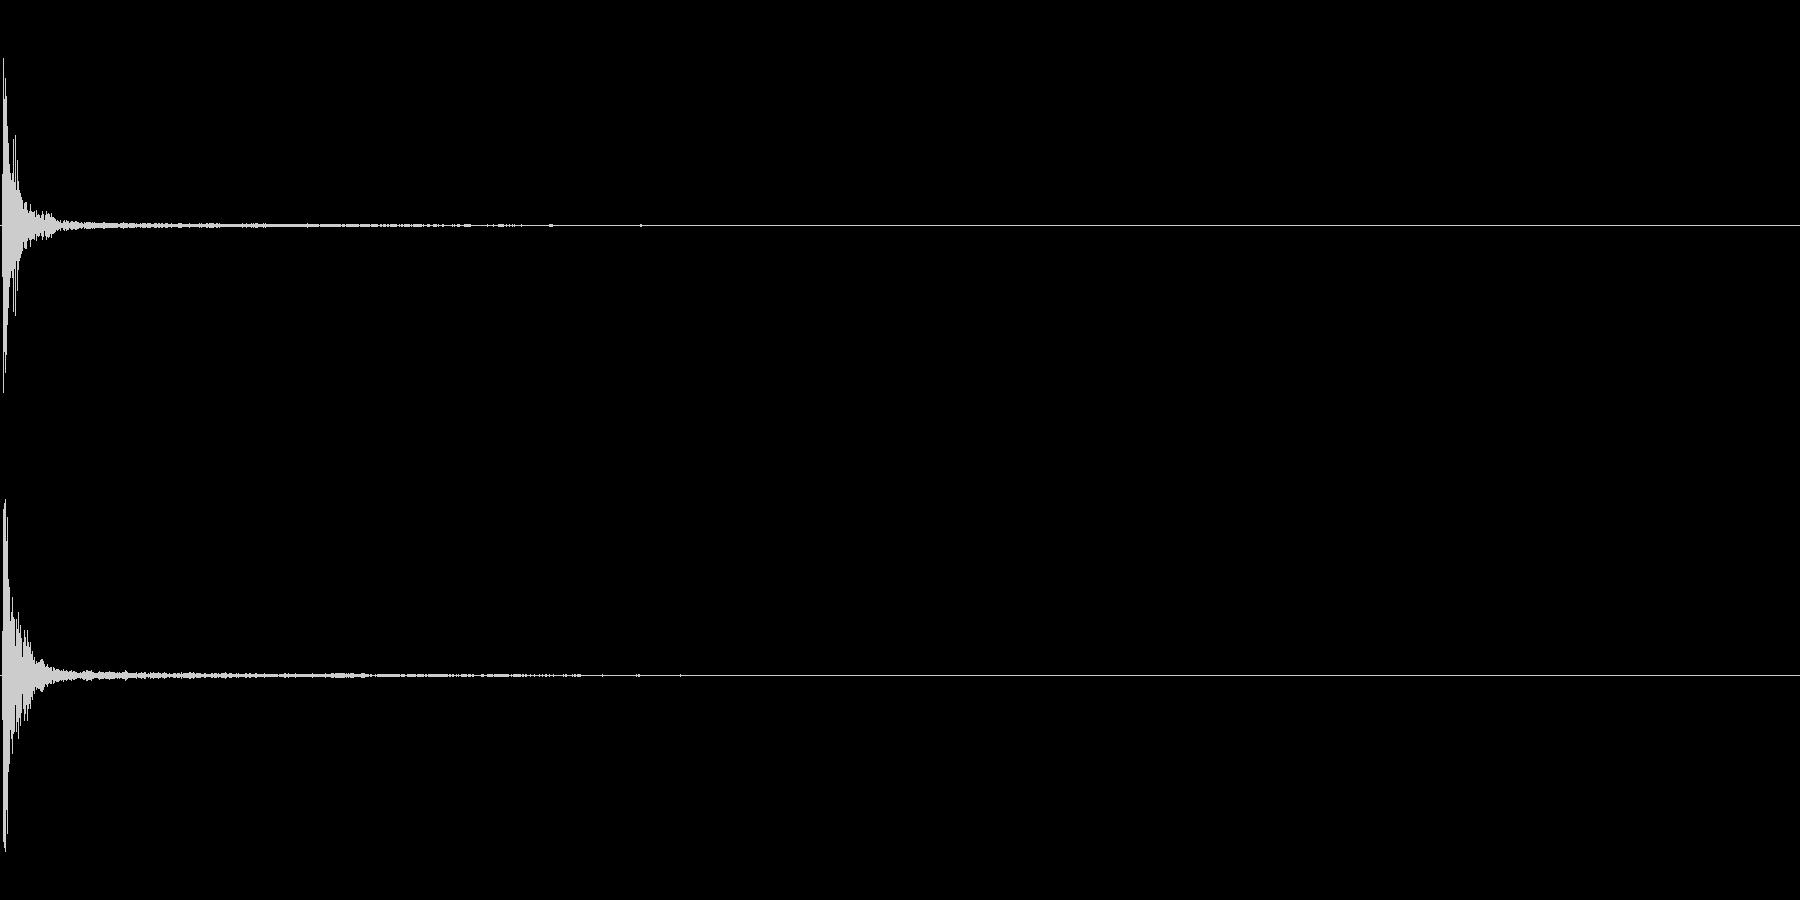 「カン」木鉦(もくしょう)の単発音+FXの未再生の波形